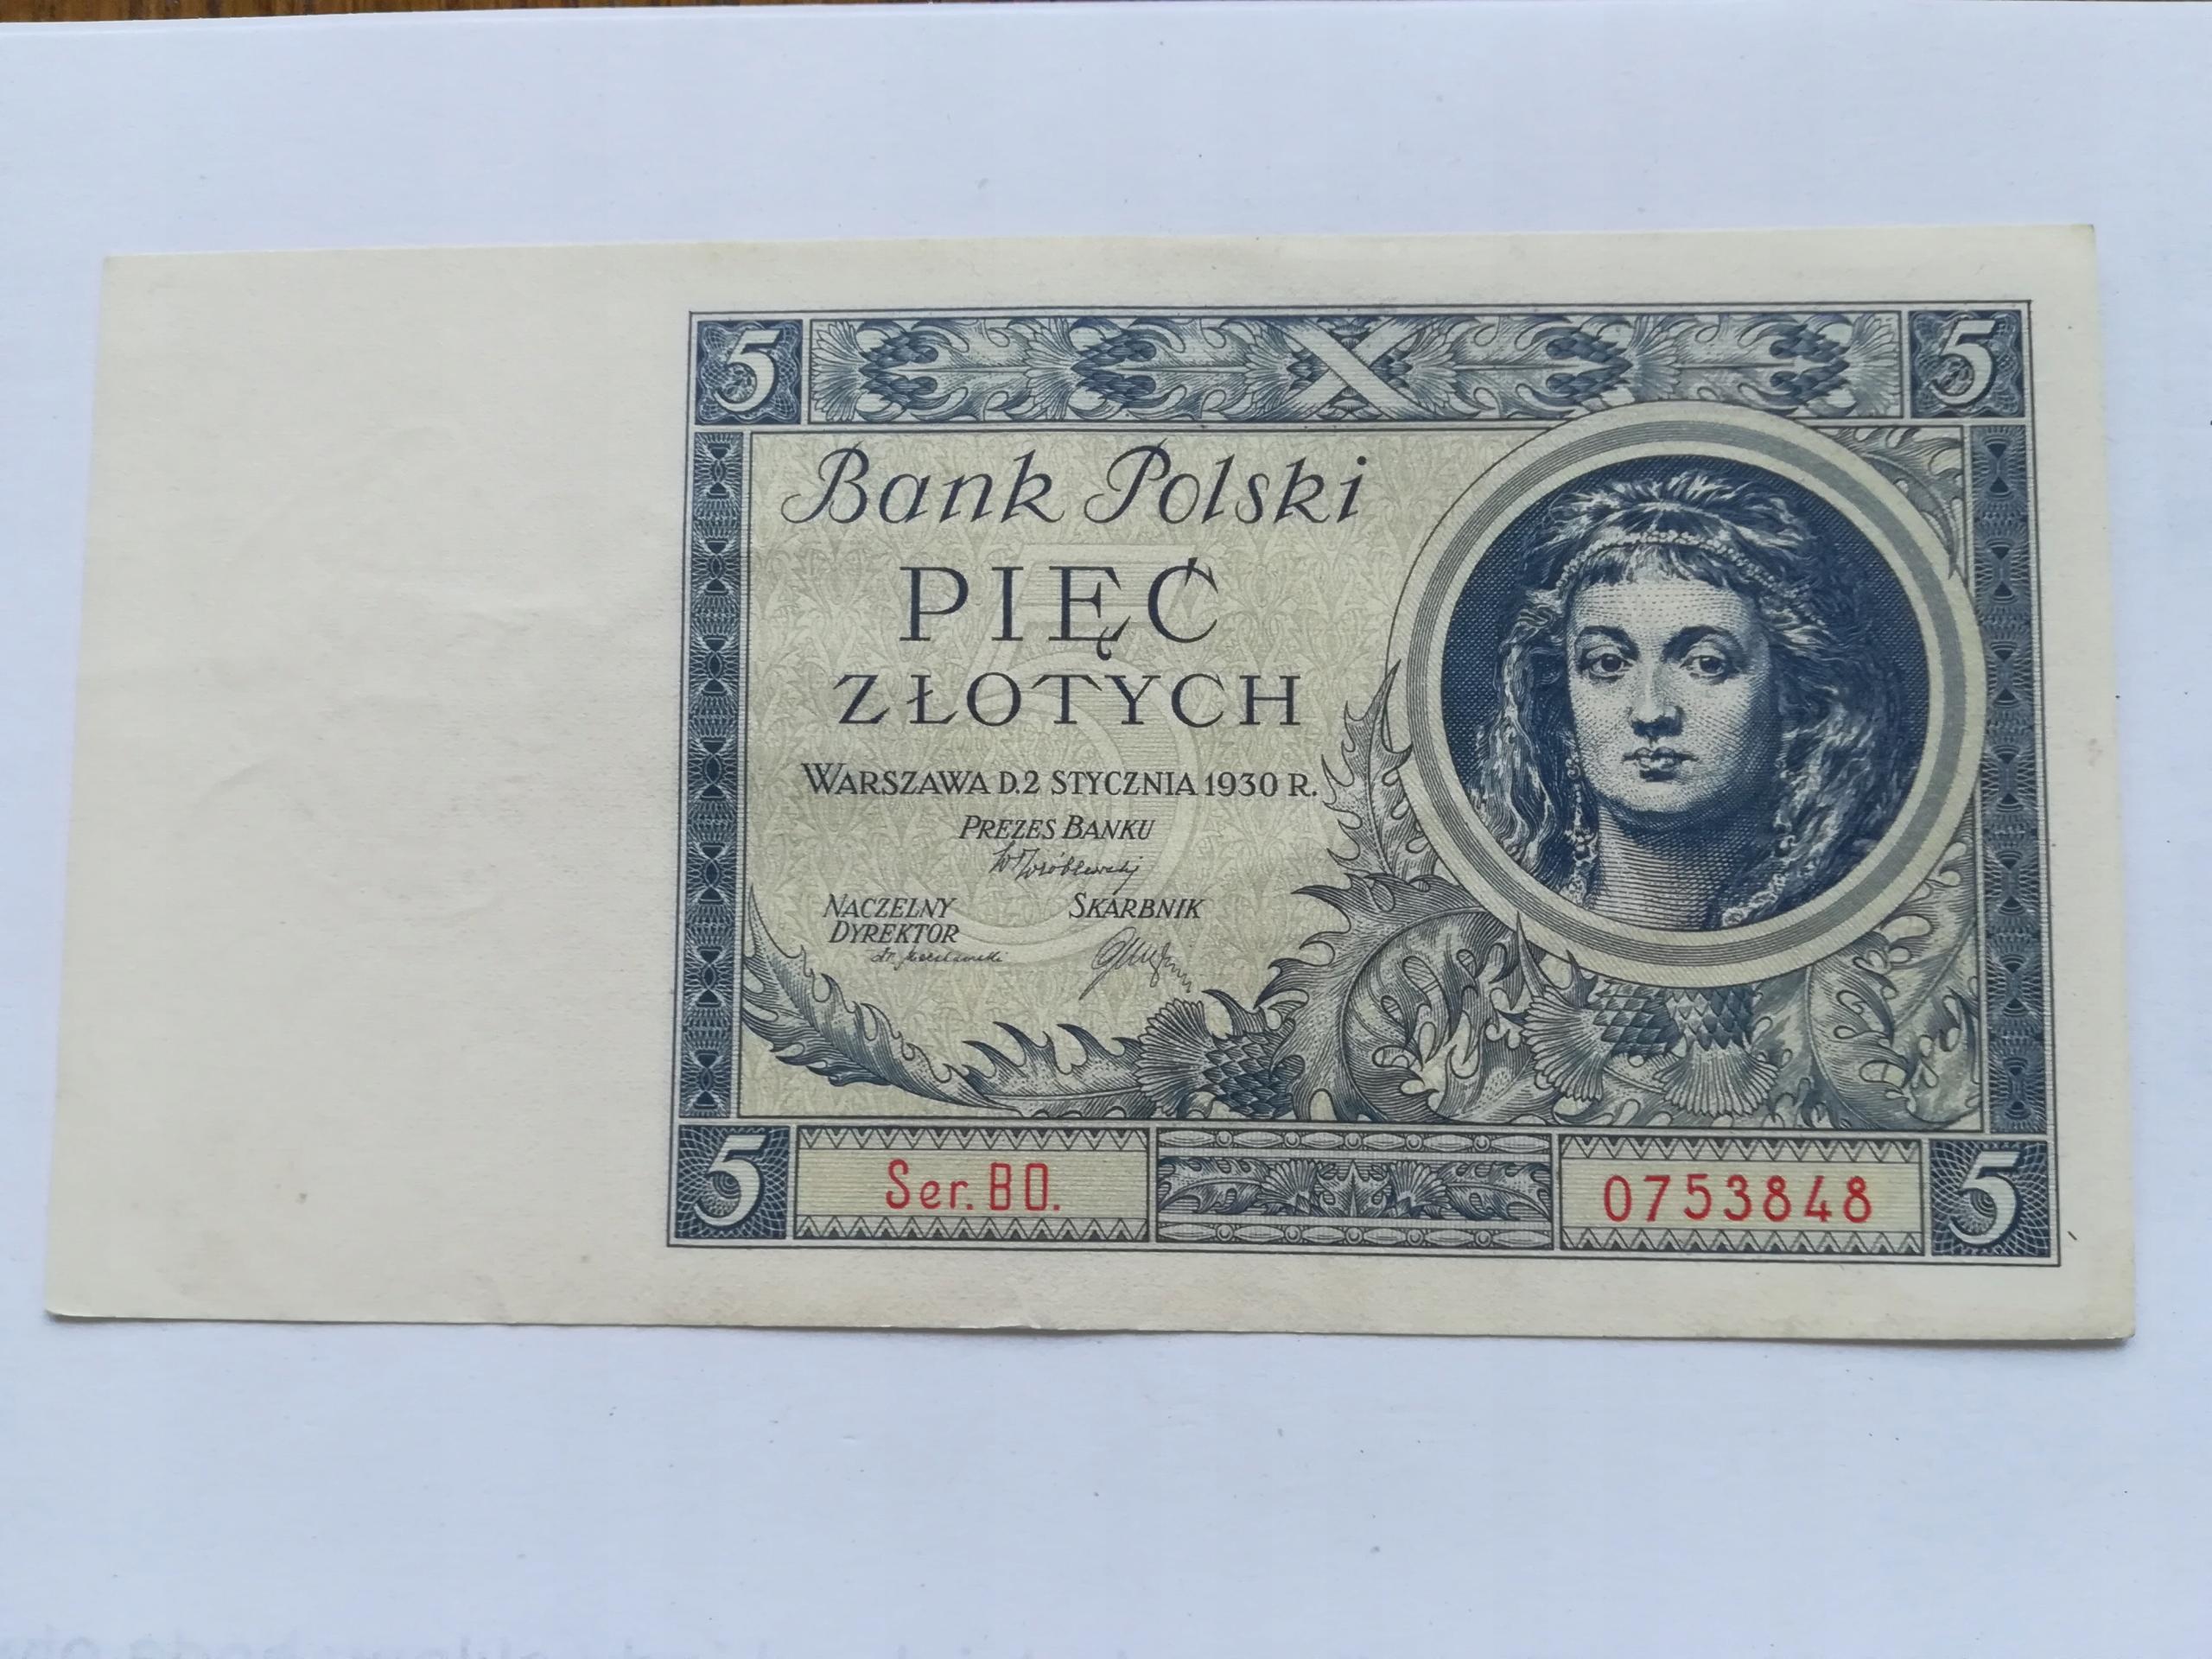 Banknot 5 zł z 1930r